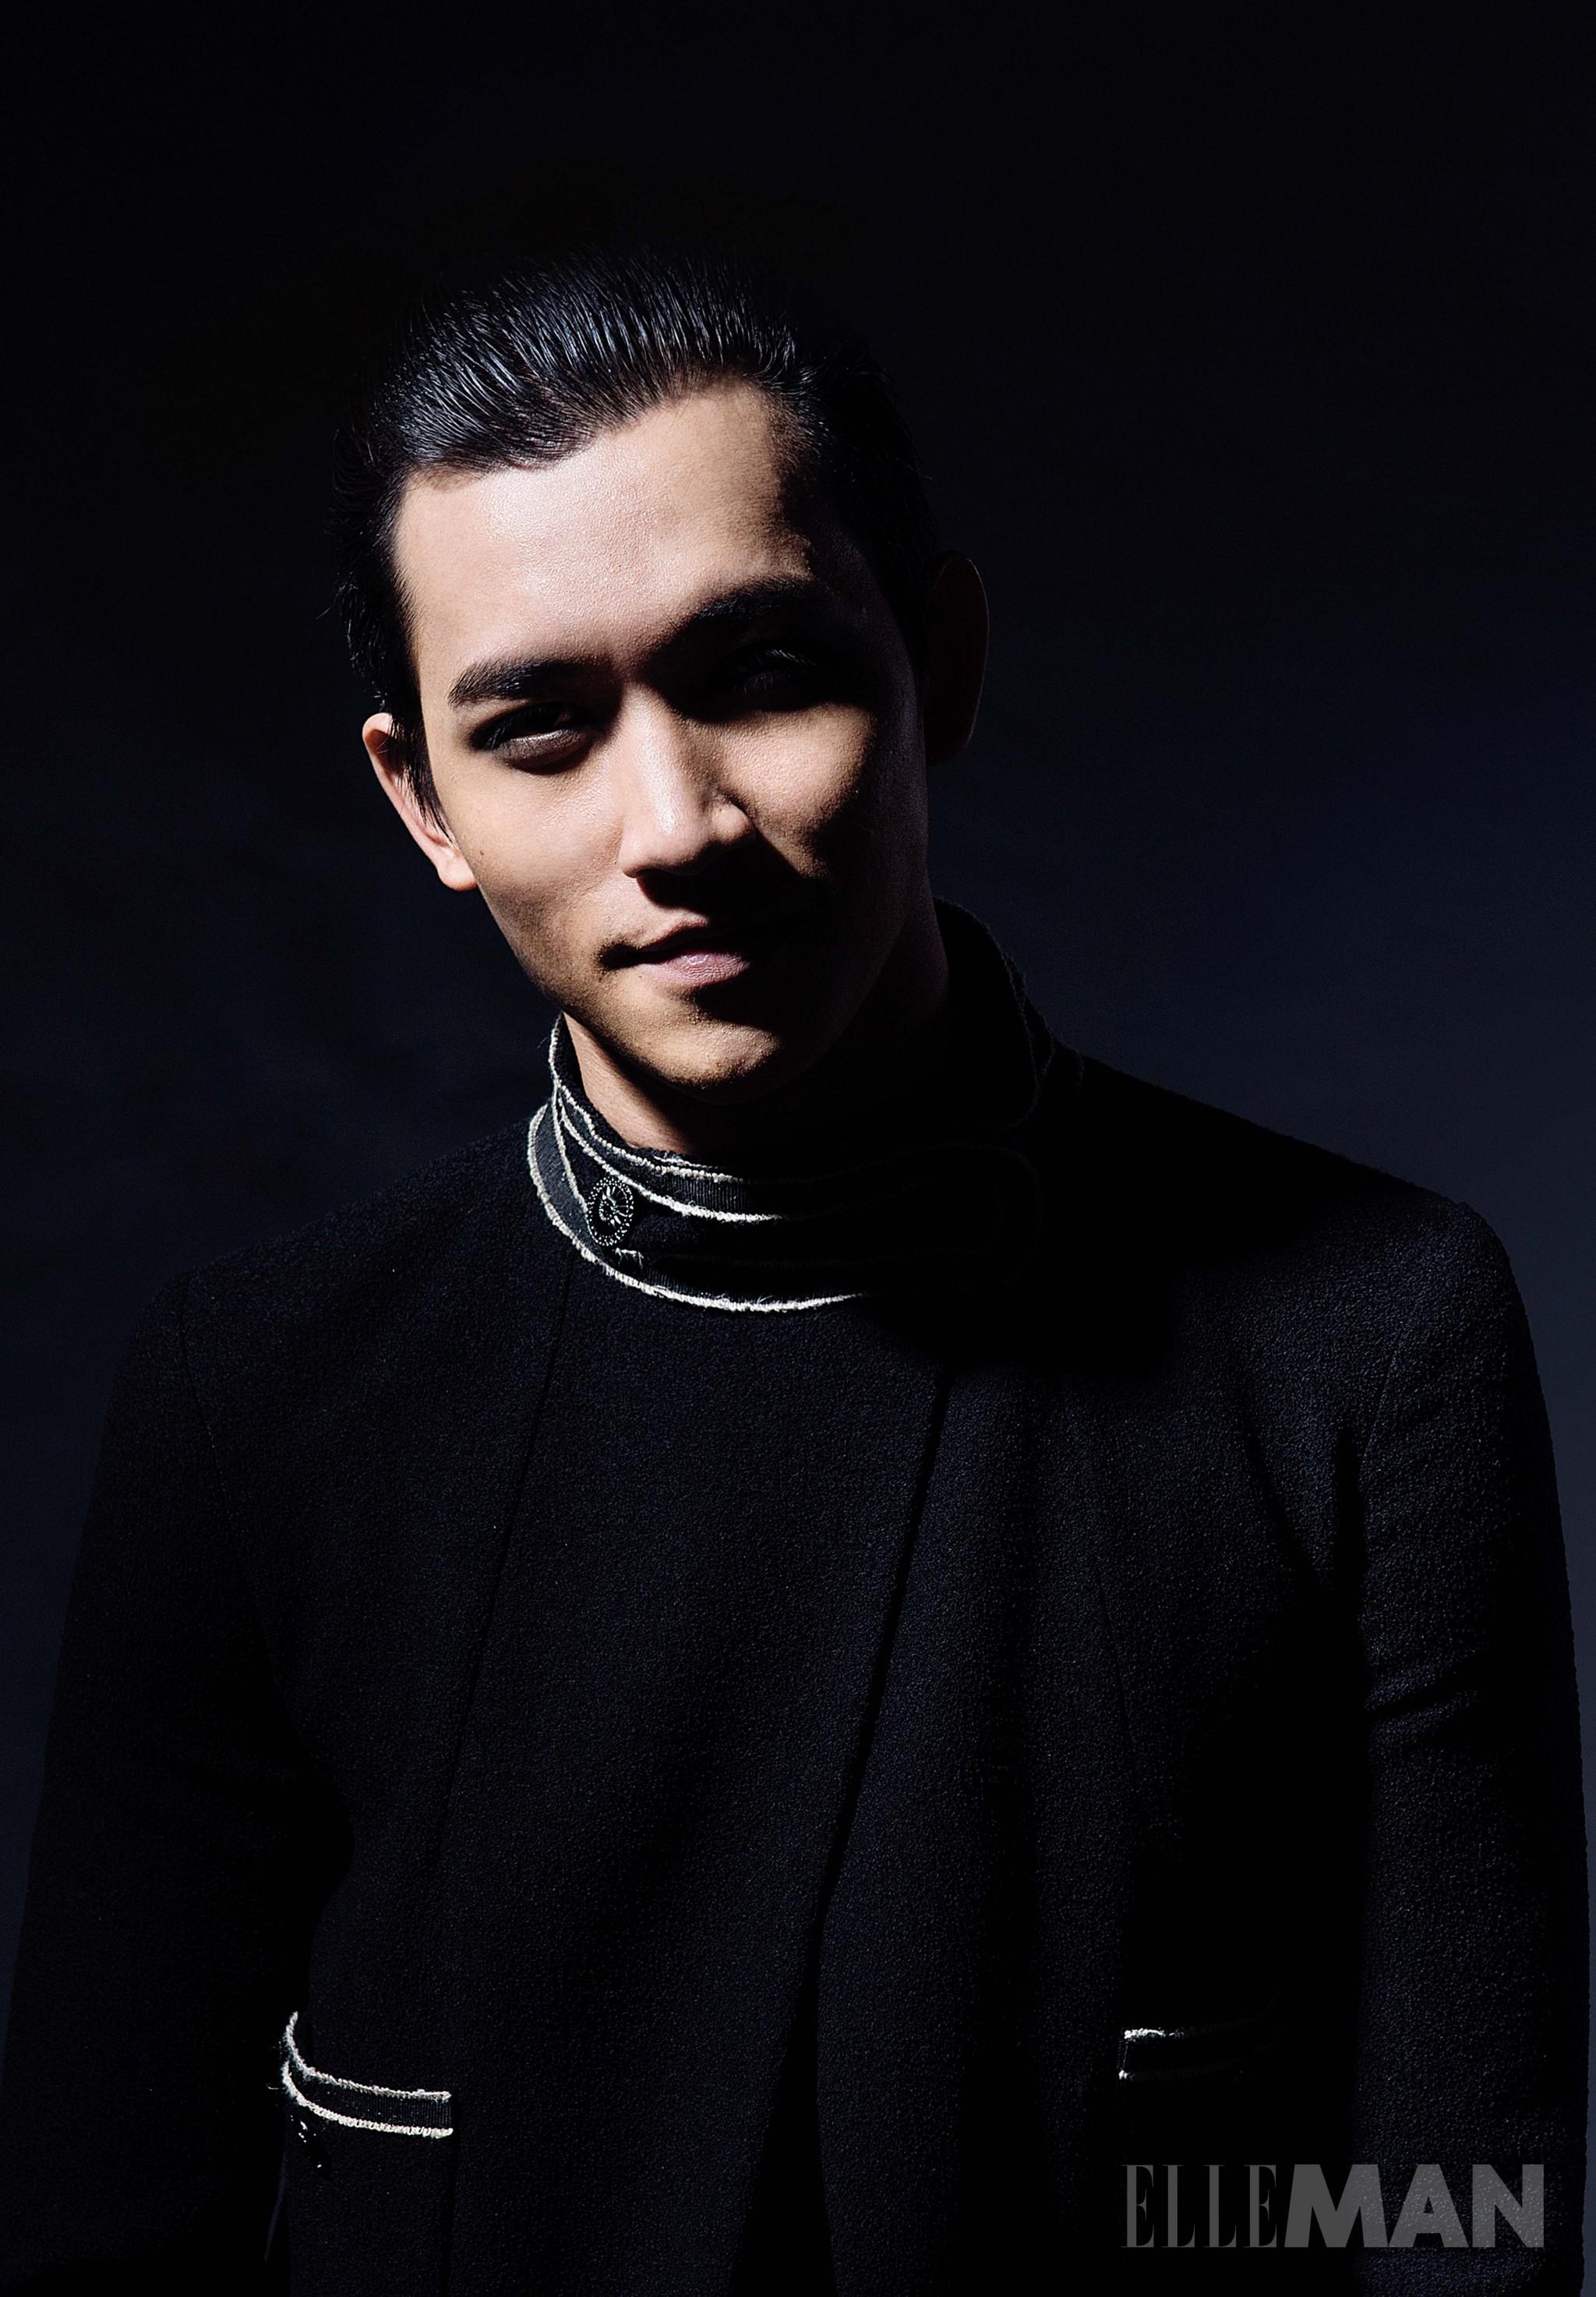 người mẫu Võ Cảnh mặc chanel